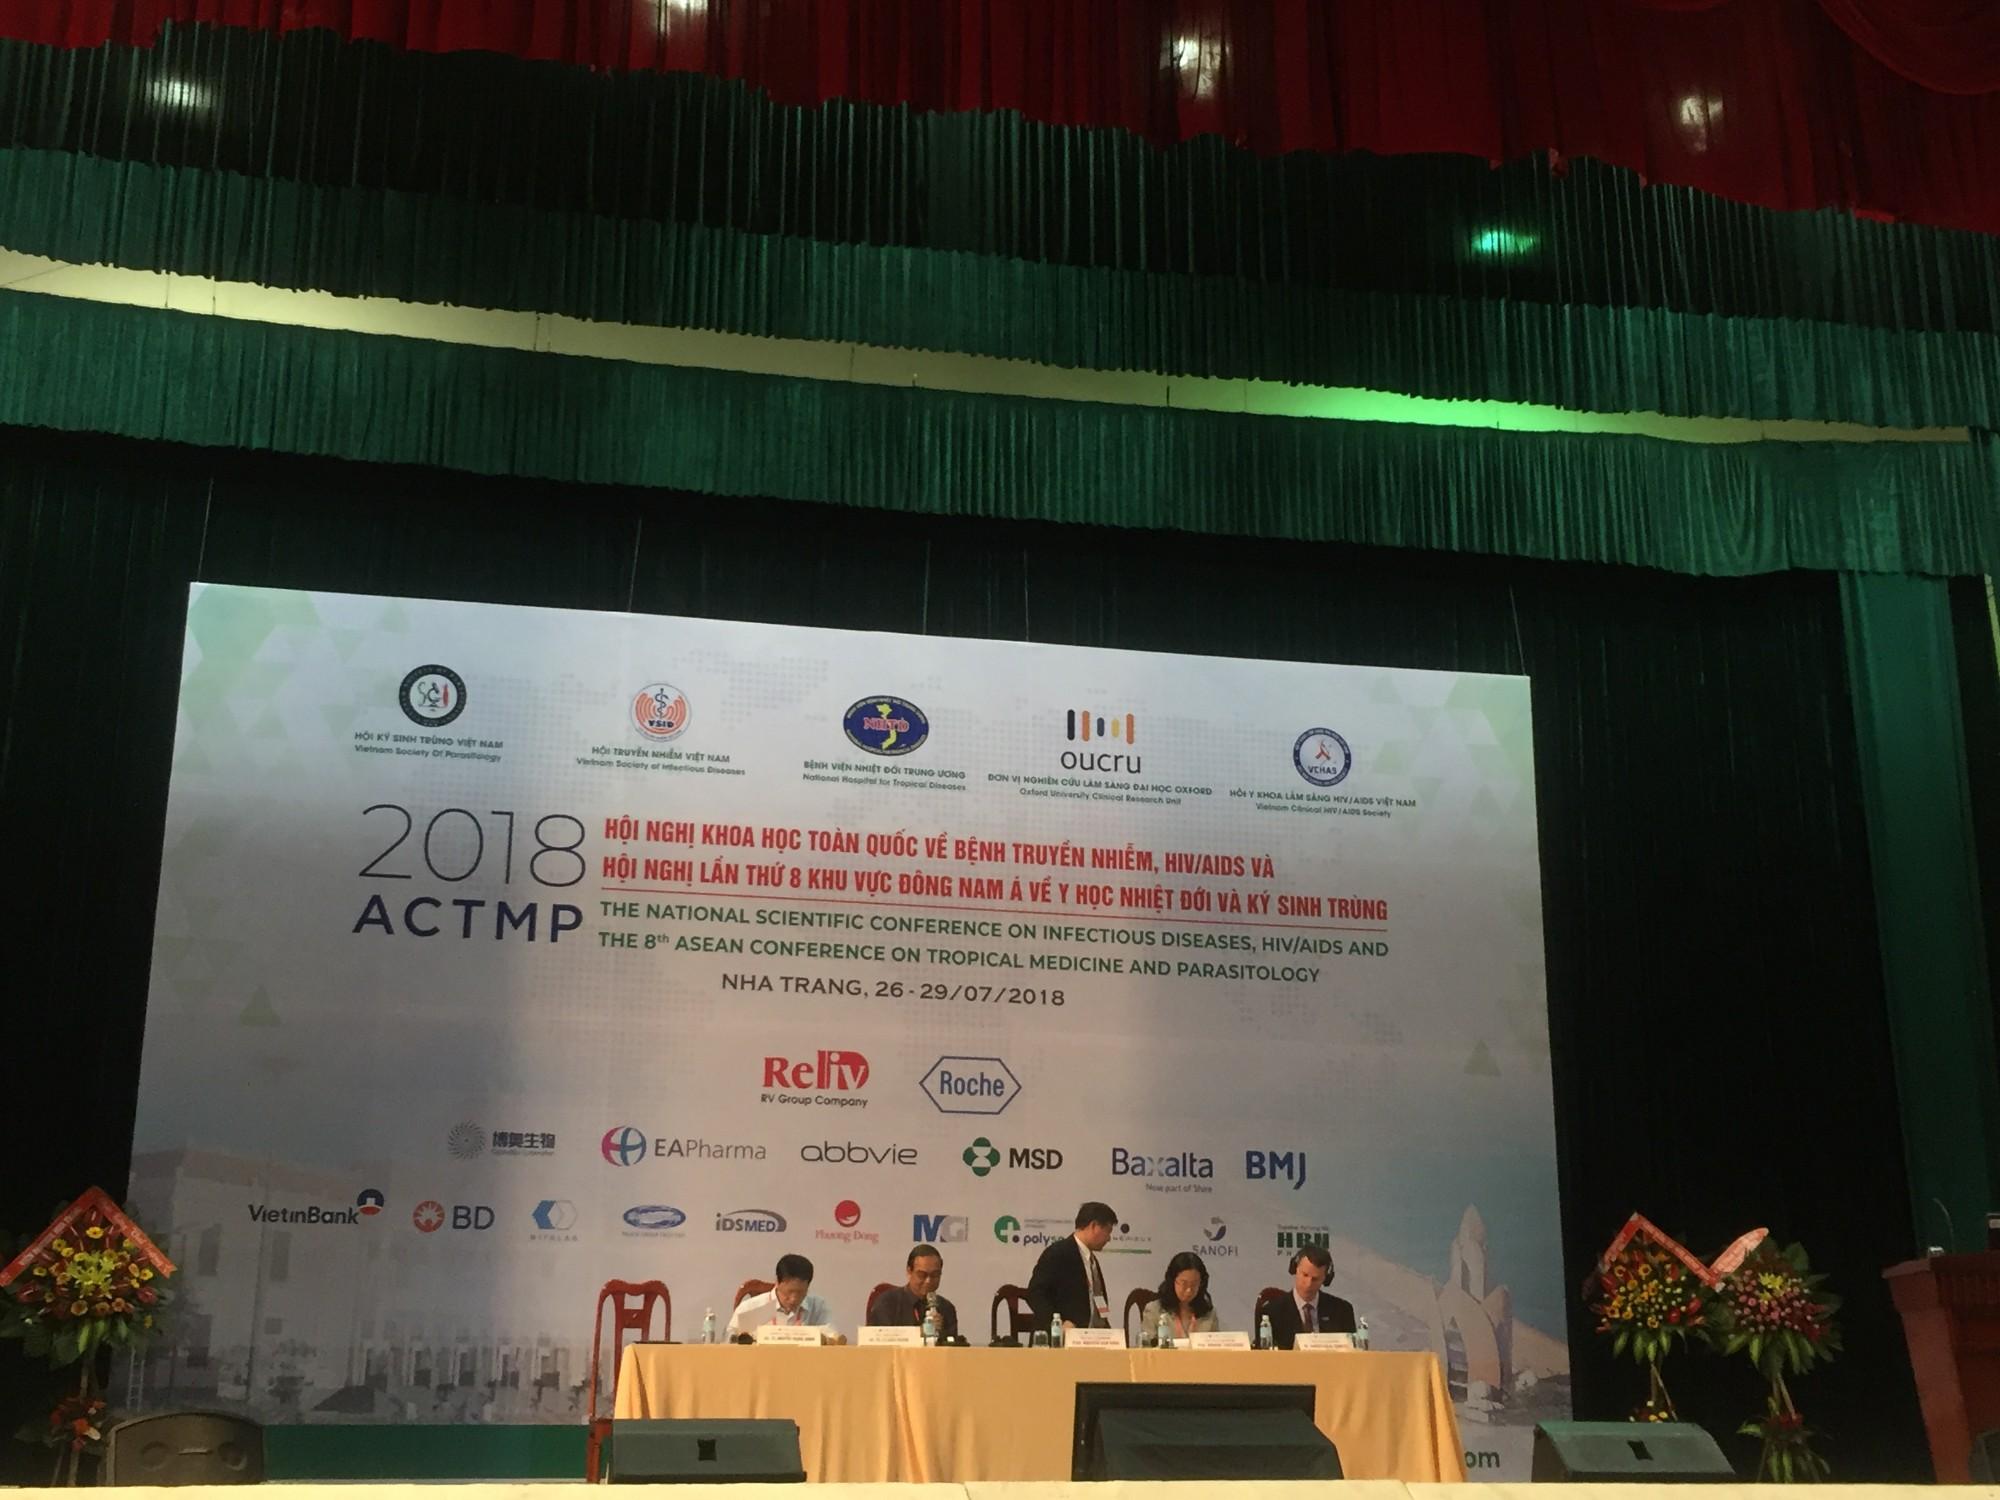 Hội nghị khoa học toàn quốc về bệnh truyền nhiễm, HIV/AIDS & Hội nghị lần thứ 8 khu vực Đông Nam Á về Y học Nhiệt đới và Kí sinh trùng năm 2018